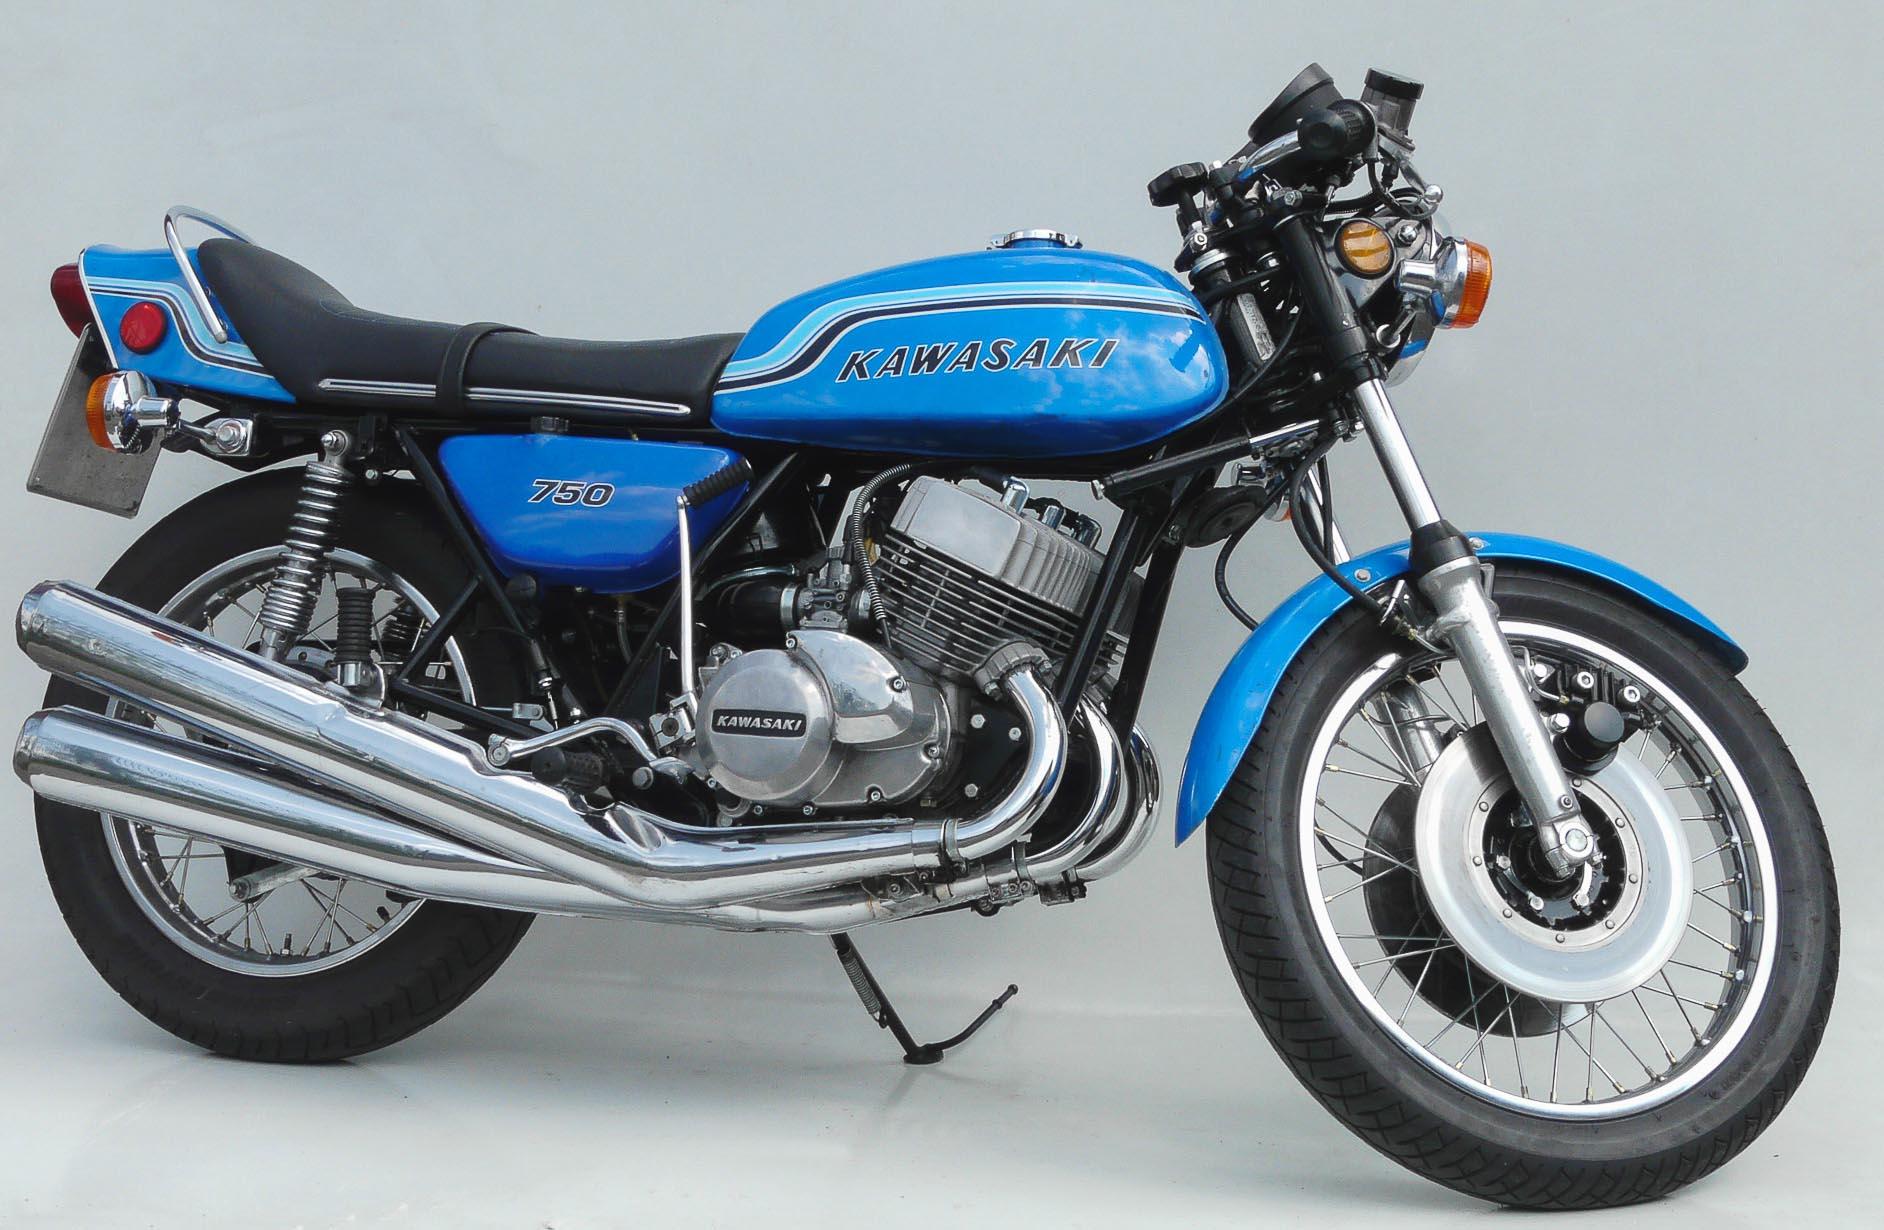 KAWASAKI 750 H2 (1972-1975)